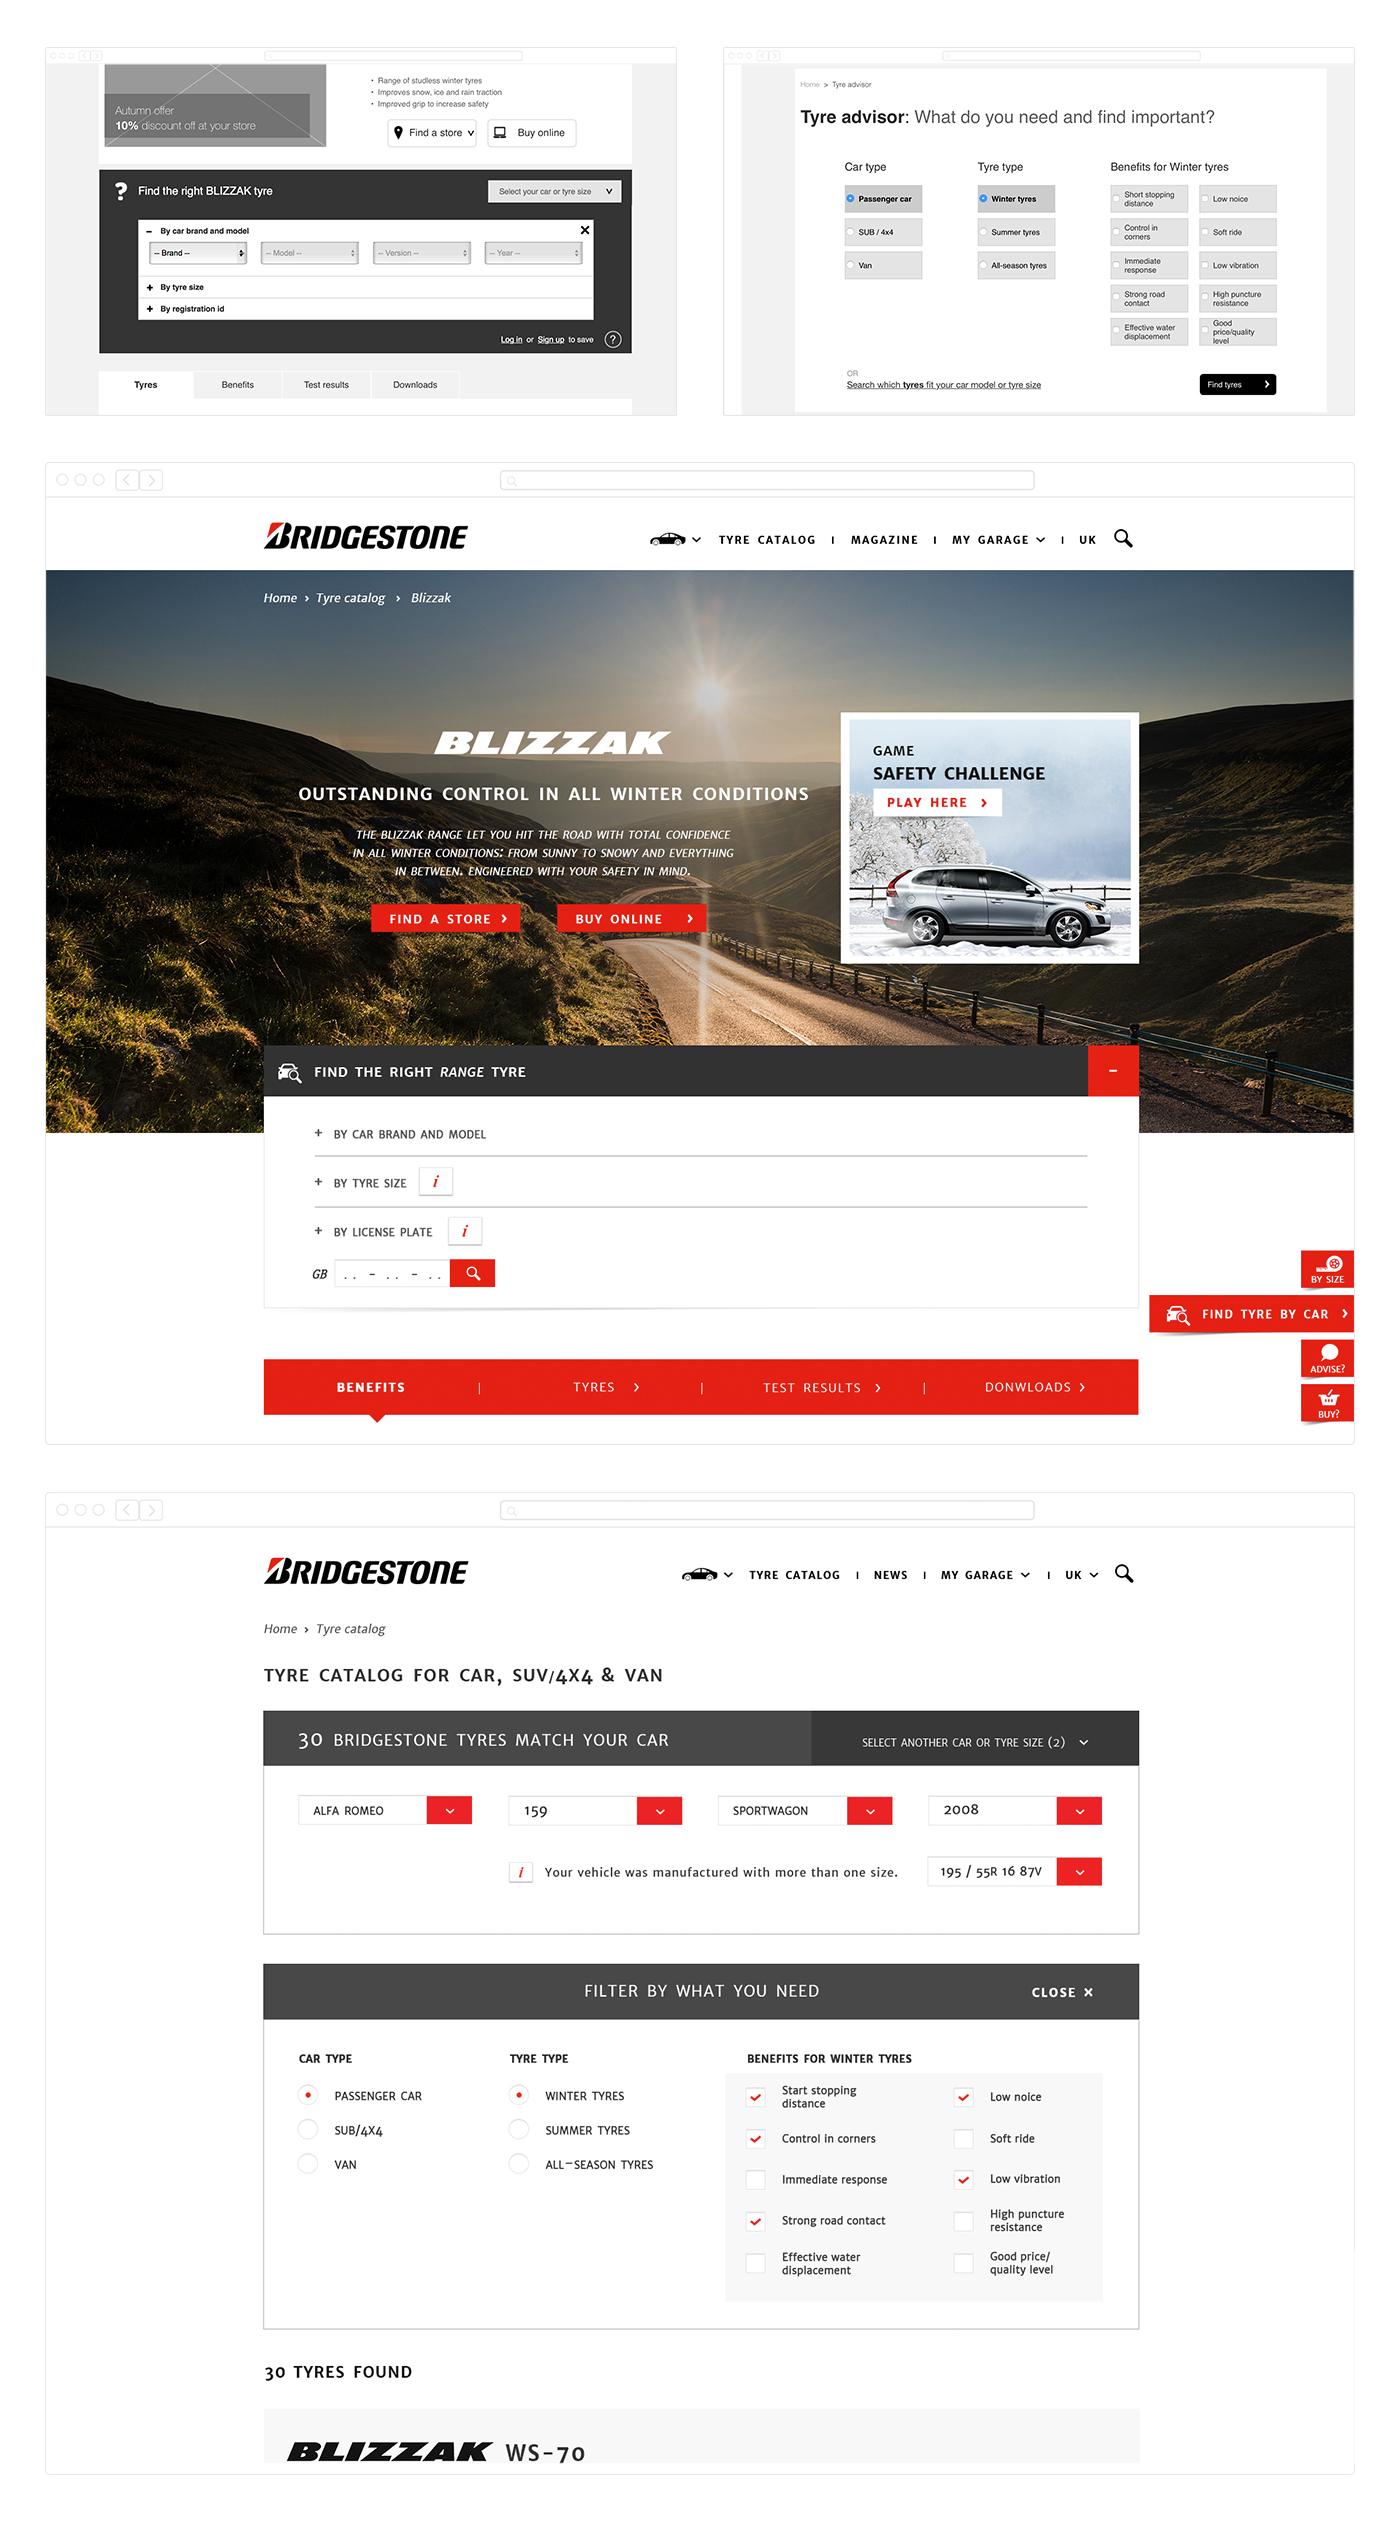 Design Process of the search module for Bridgestone Europe